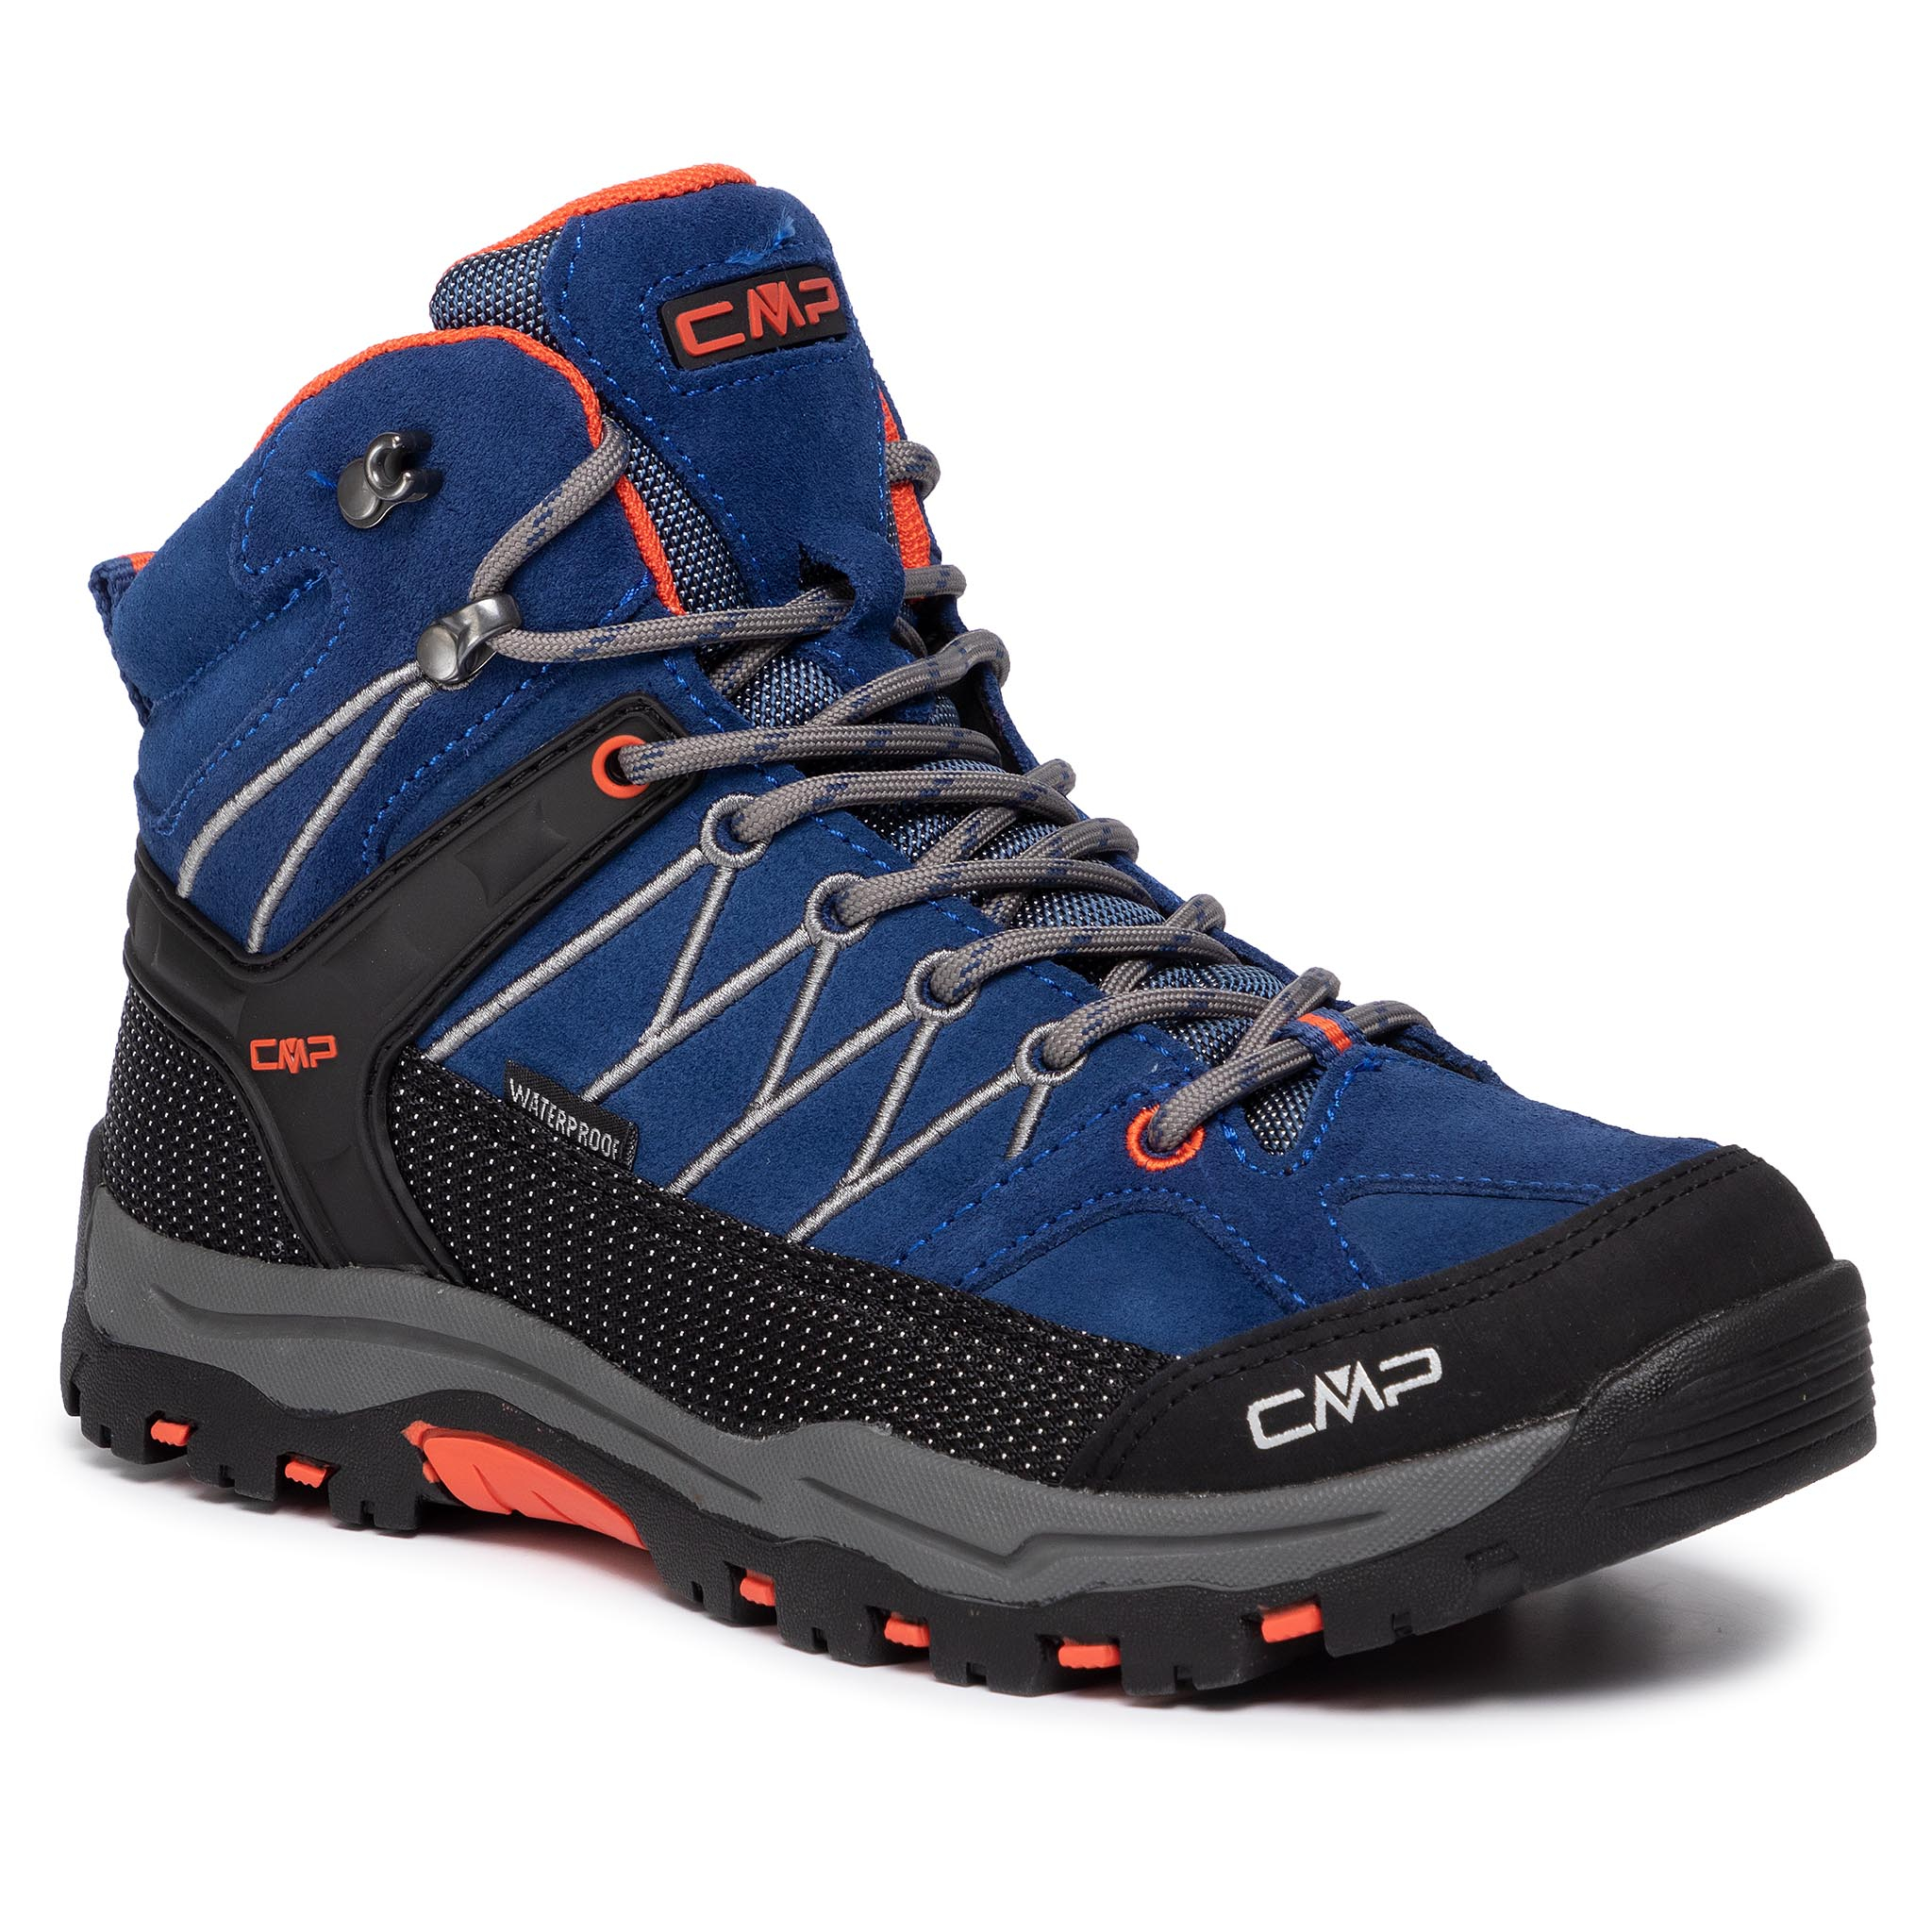 Trekker Boots SALOMON X Radiant Mid Gtx W GORE TEX 406746